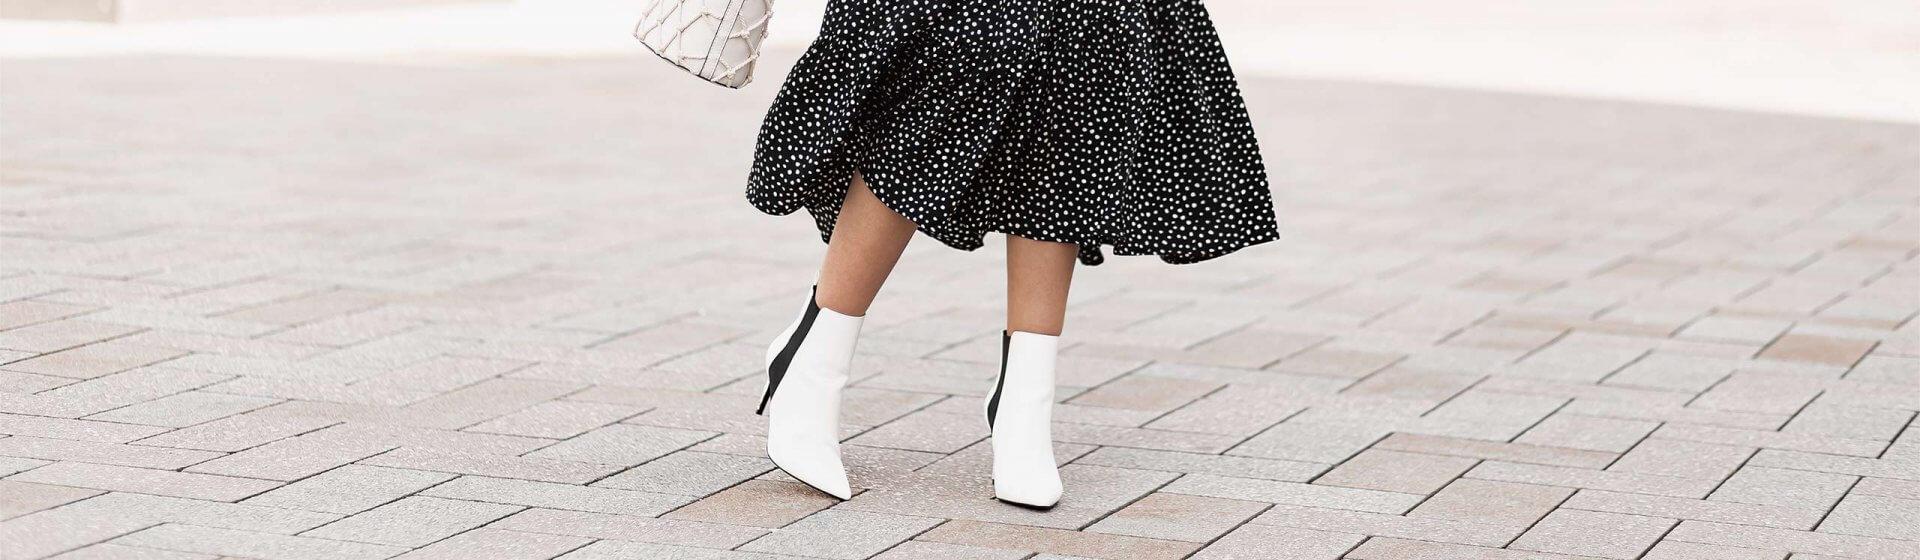 Midiröcke und Stiefeletten stylen, Frühlingstrend, Midiröcke kombinieren, weiße Stiefeletten, Shoelove by Deichmann